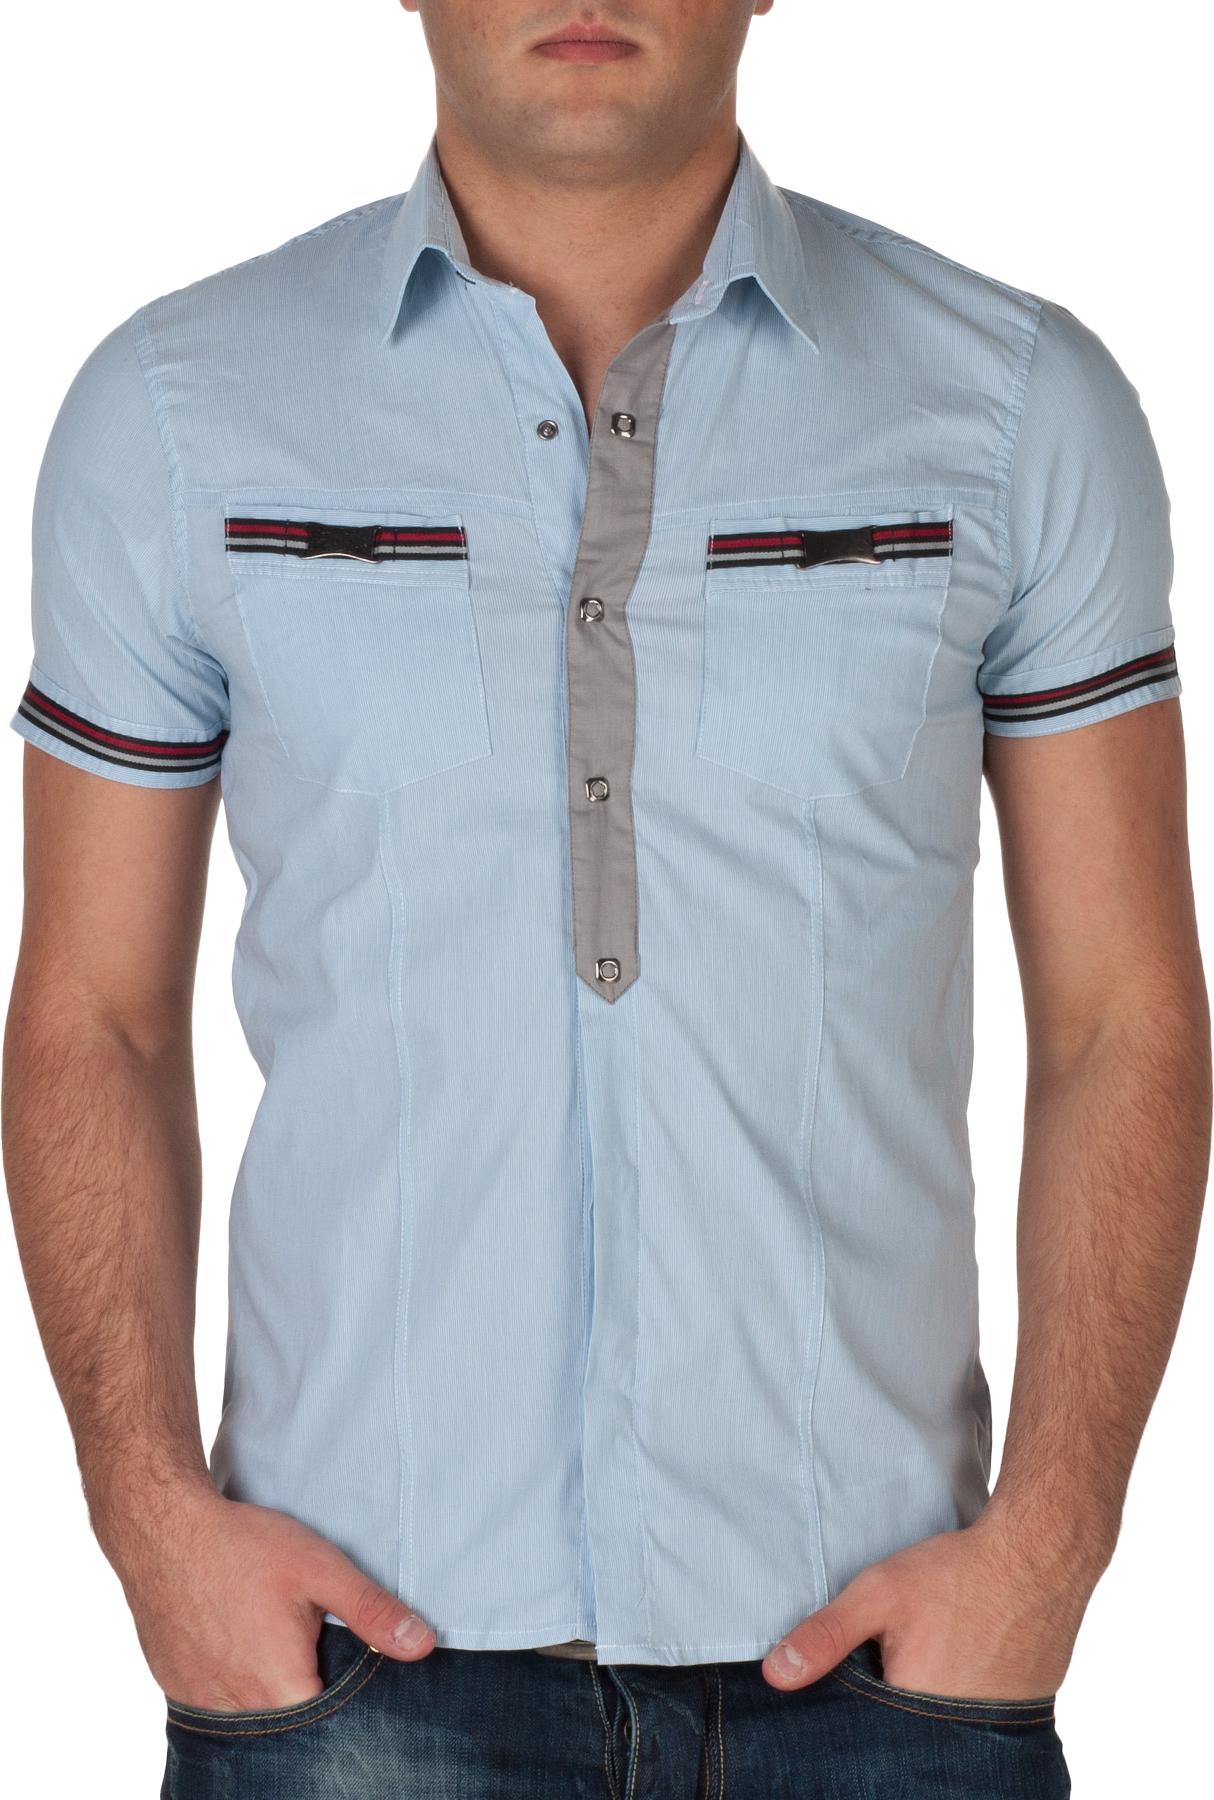 Stylish Half Shirt